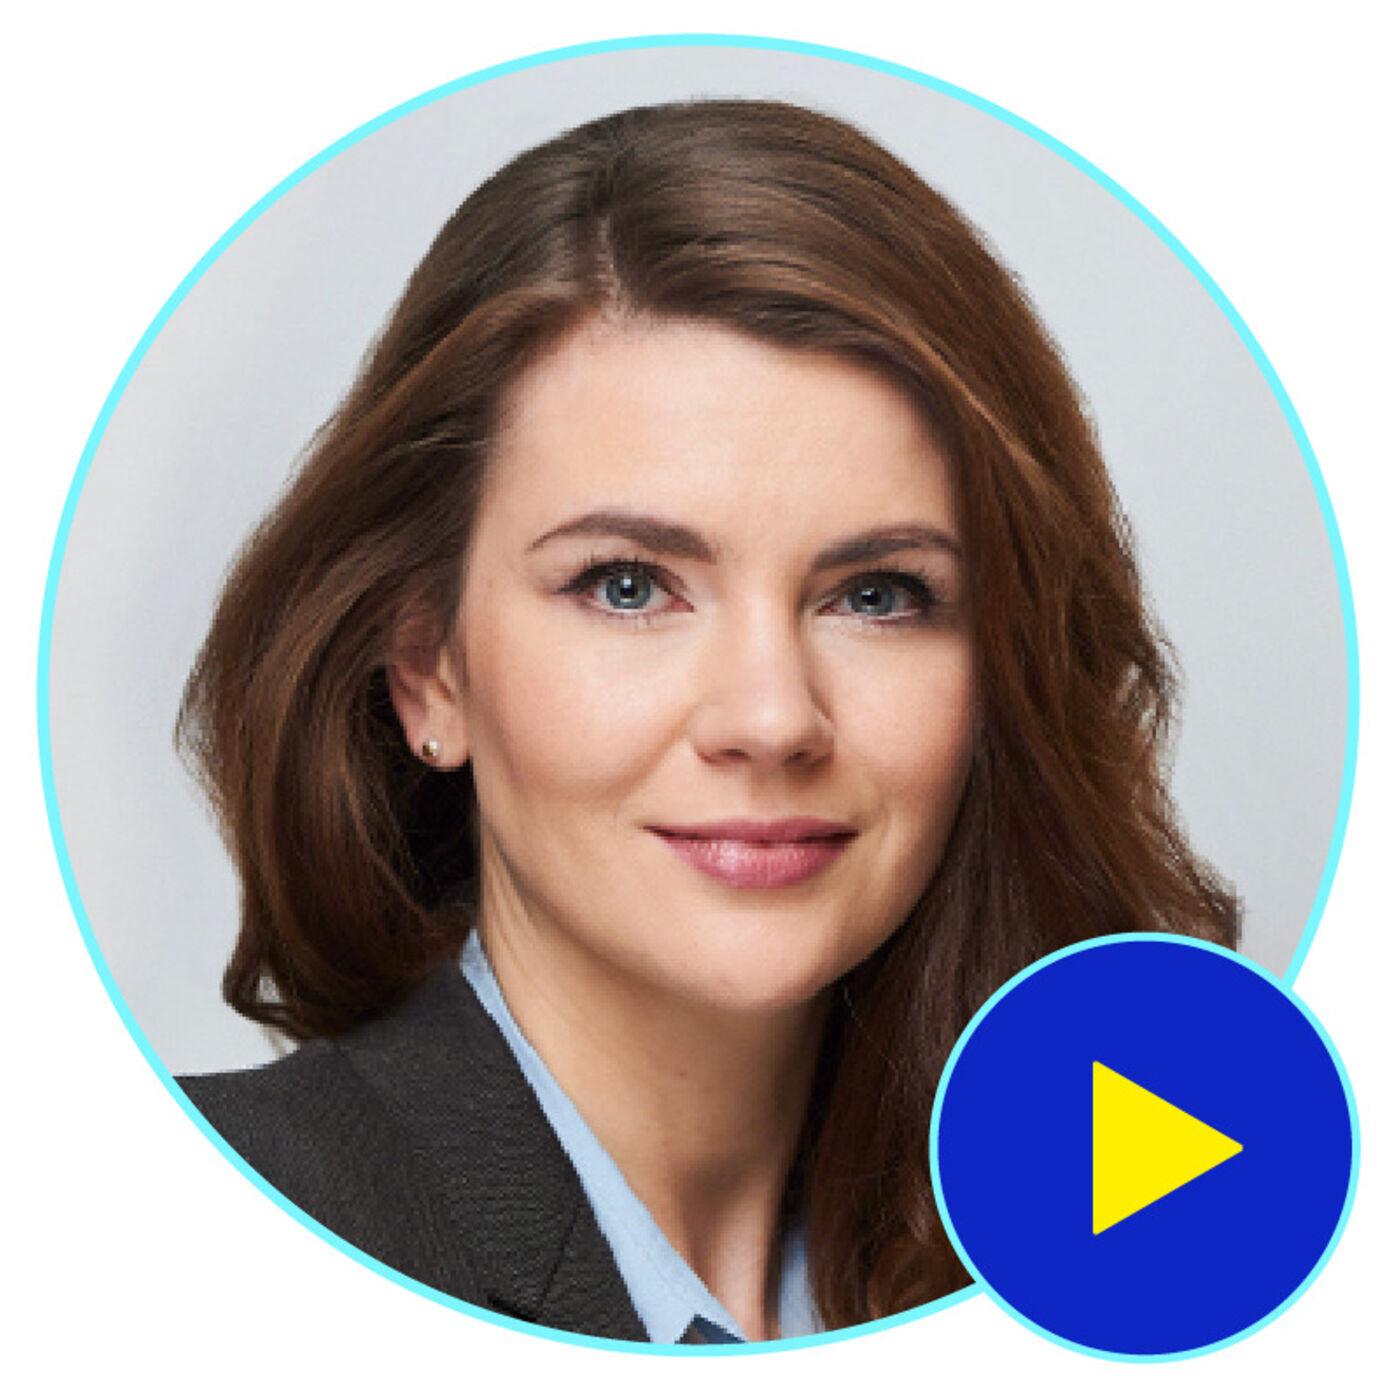 Co dalej z polskim 5G i dlaczego wyborów przez Internet na razie nie będzie - gość Wanda Buk